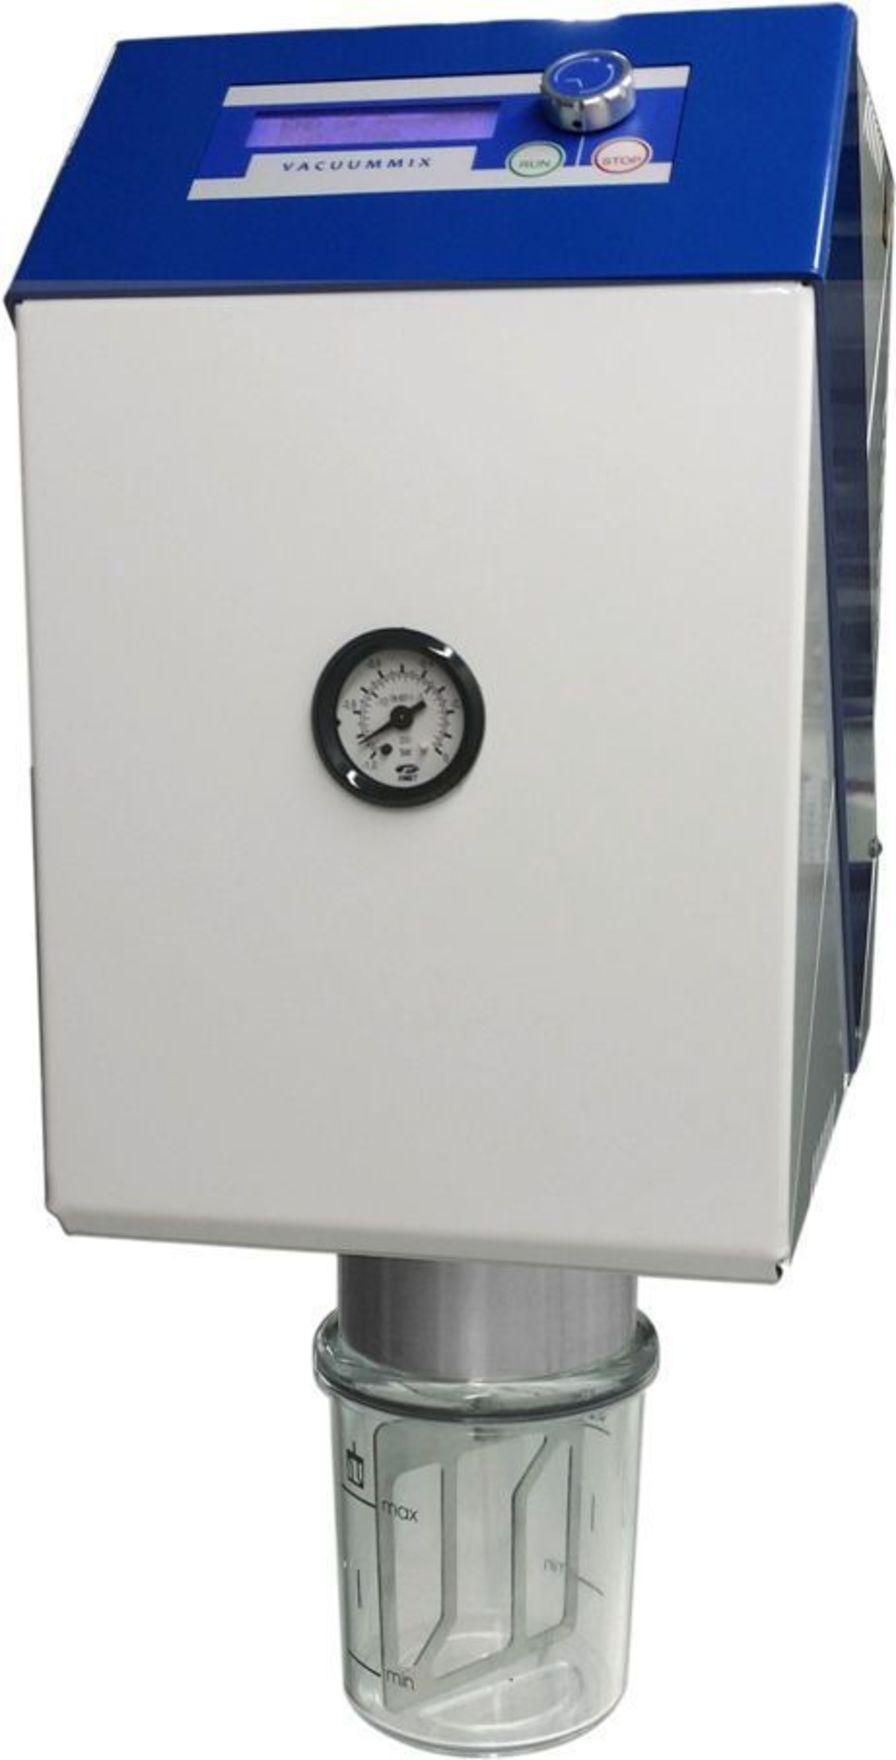 Dental laboratory mixer / vacuum Vmix Vacuumix INTERDENT d.o.o.